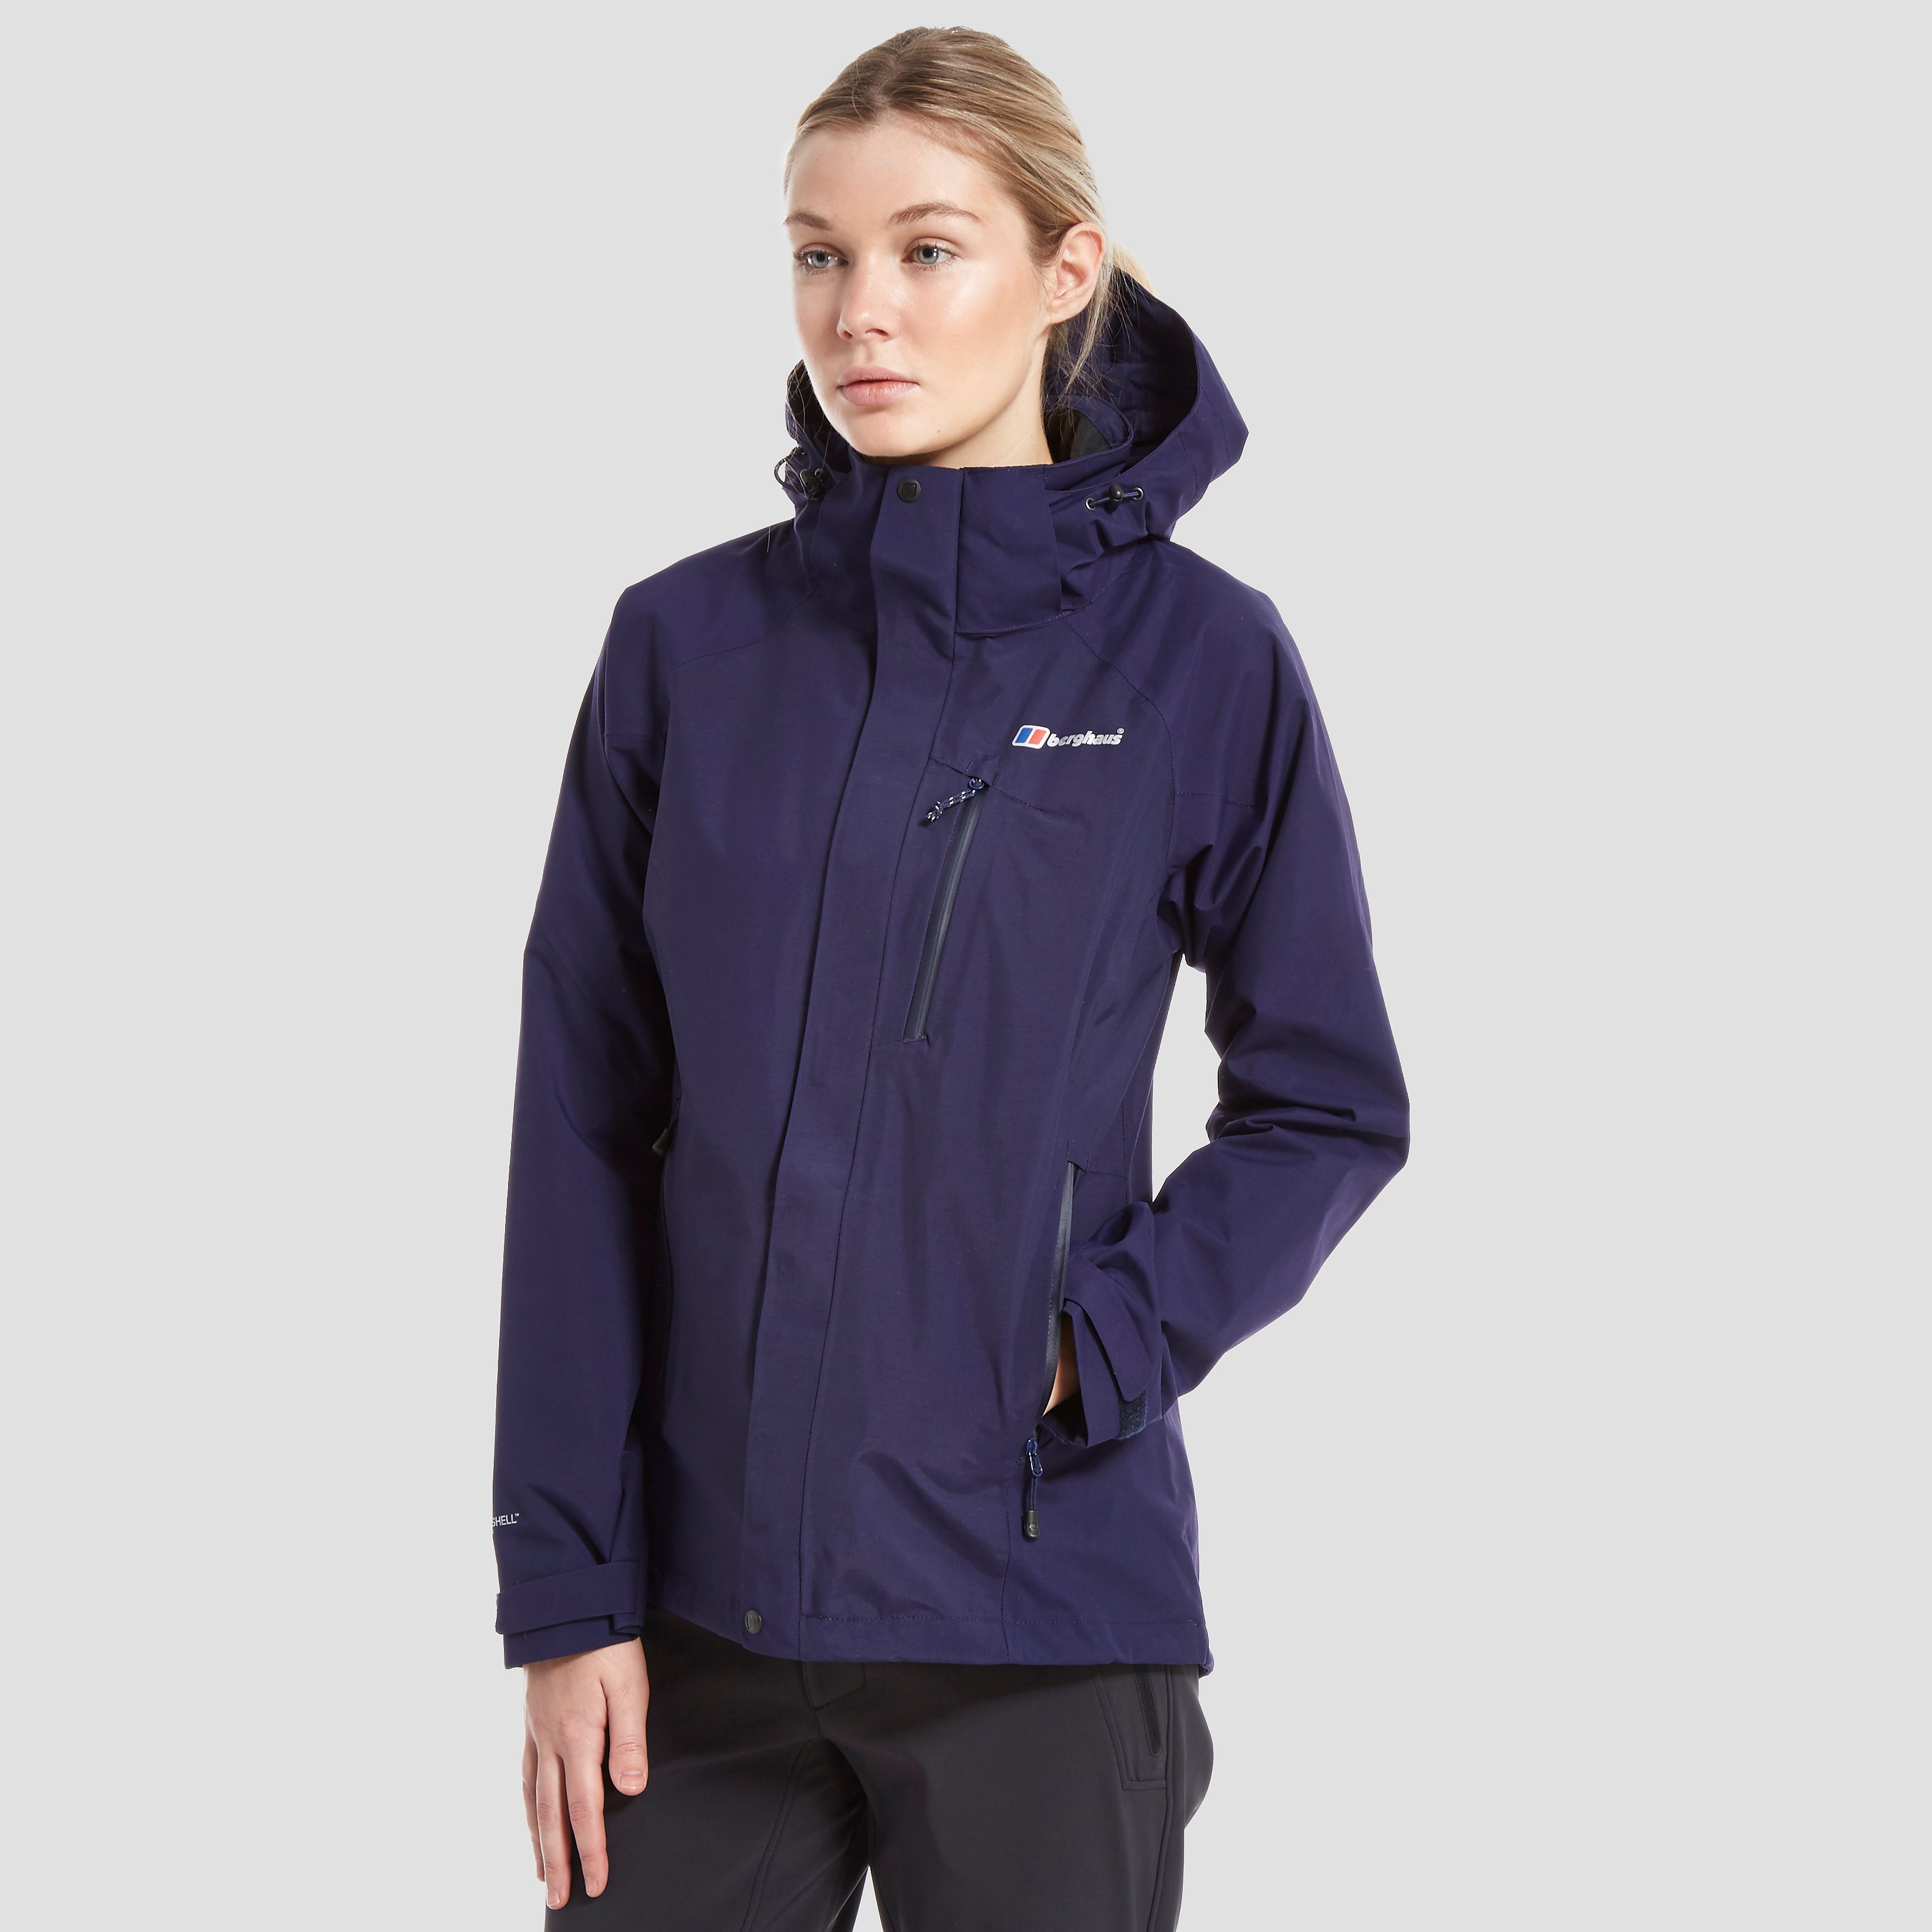 Berghaus Women's Skye Waterproof Jacket